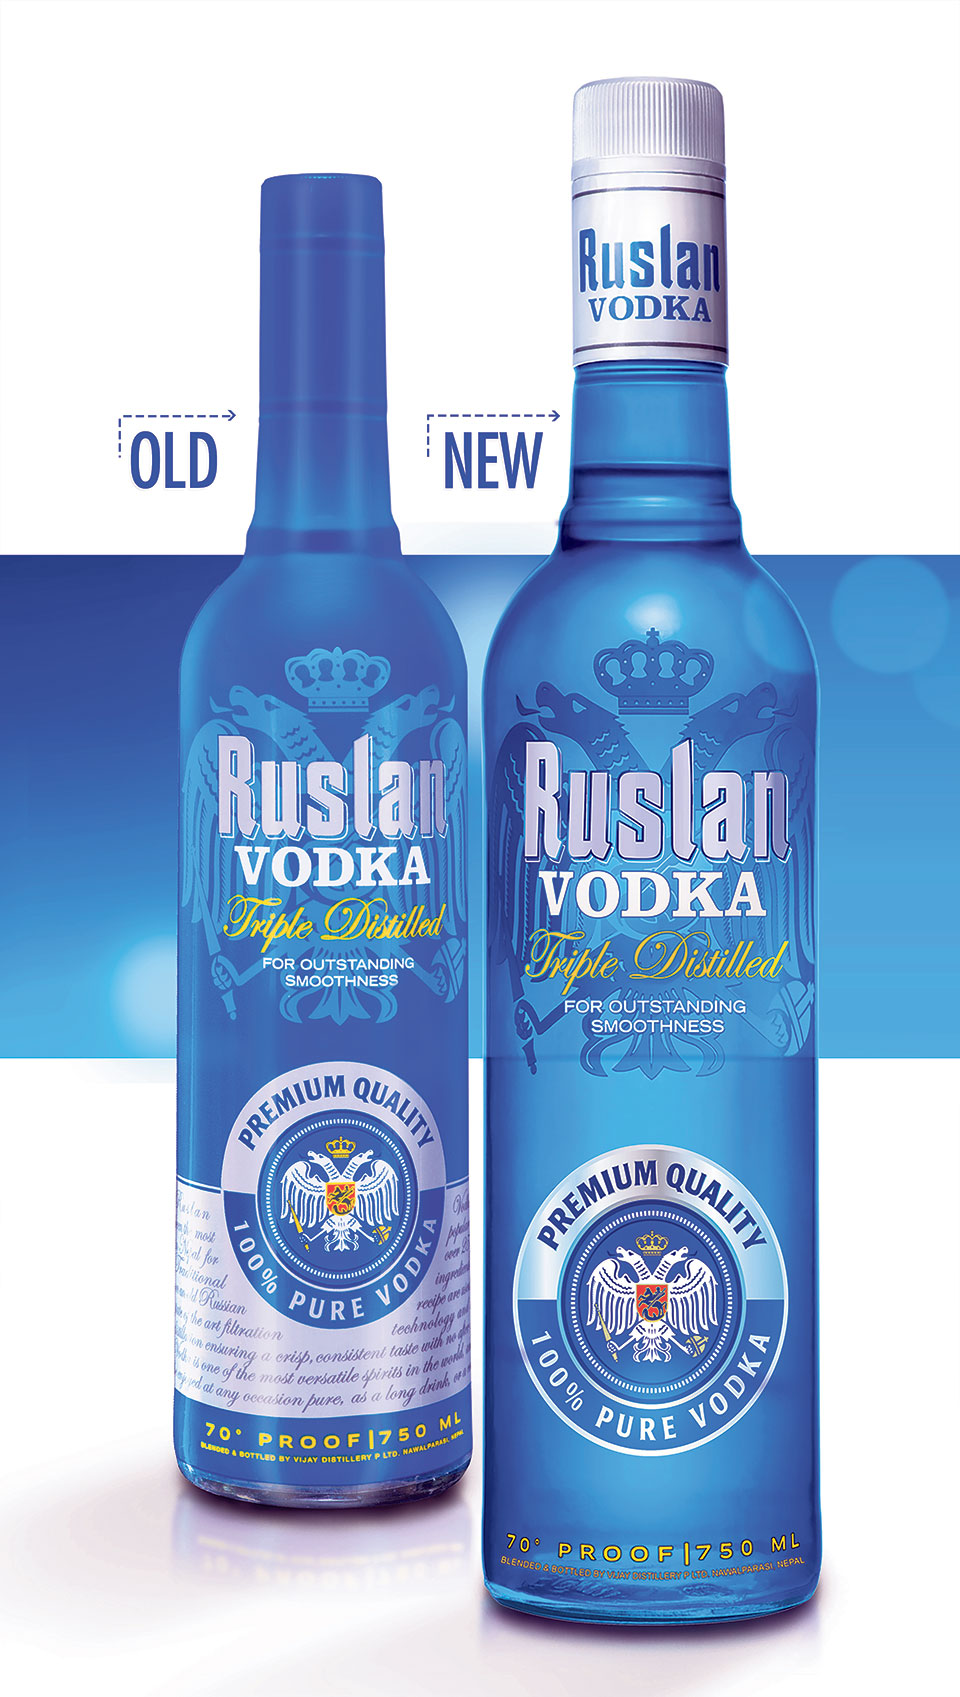 Vijay Distillery gives Ruslan Vodka in new look